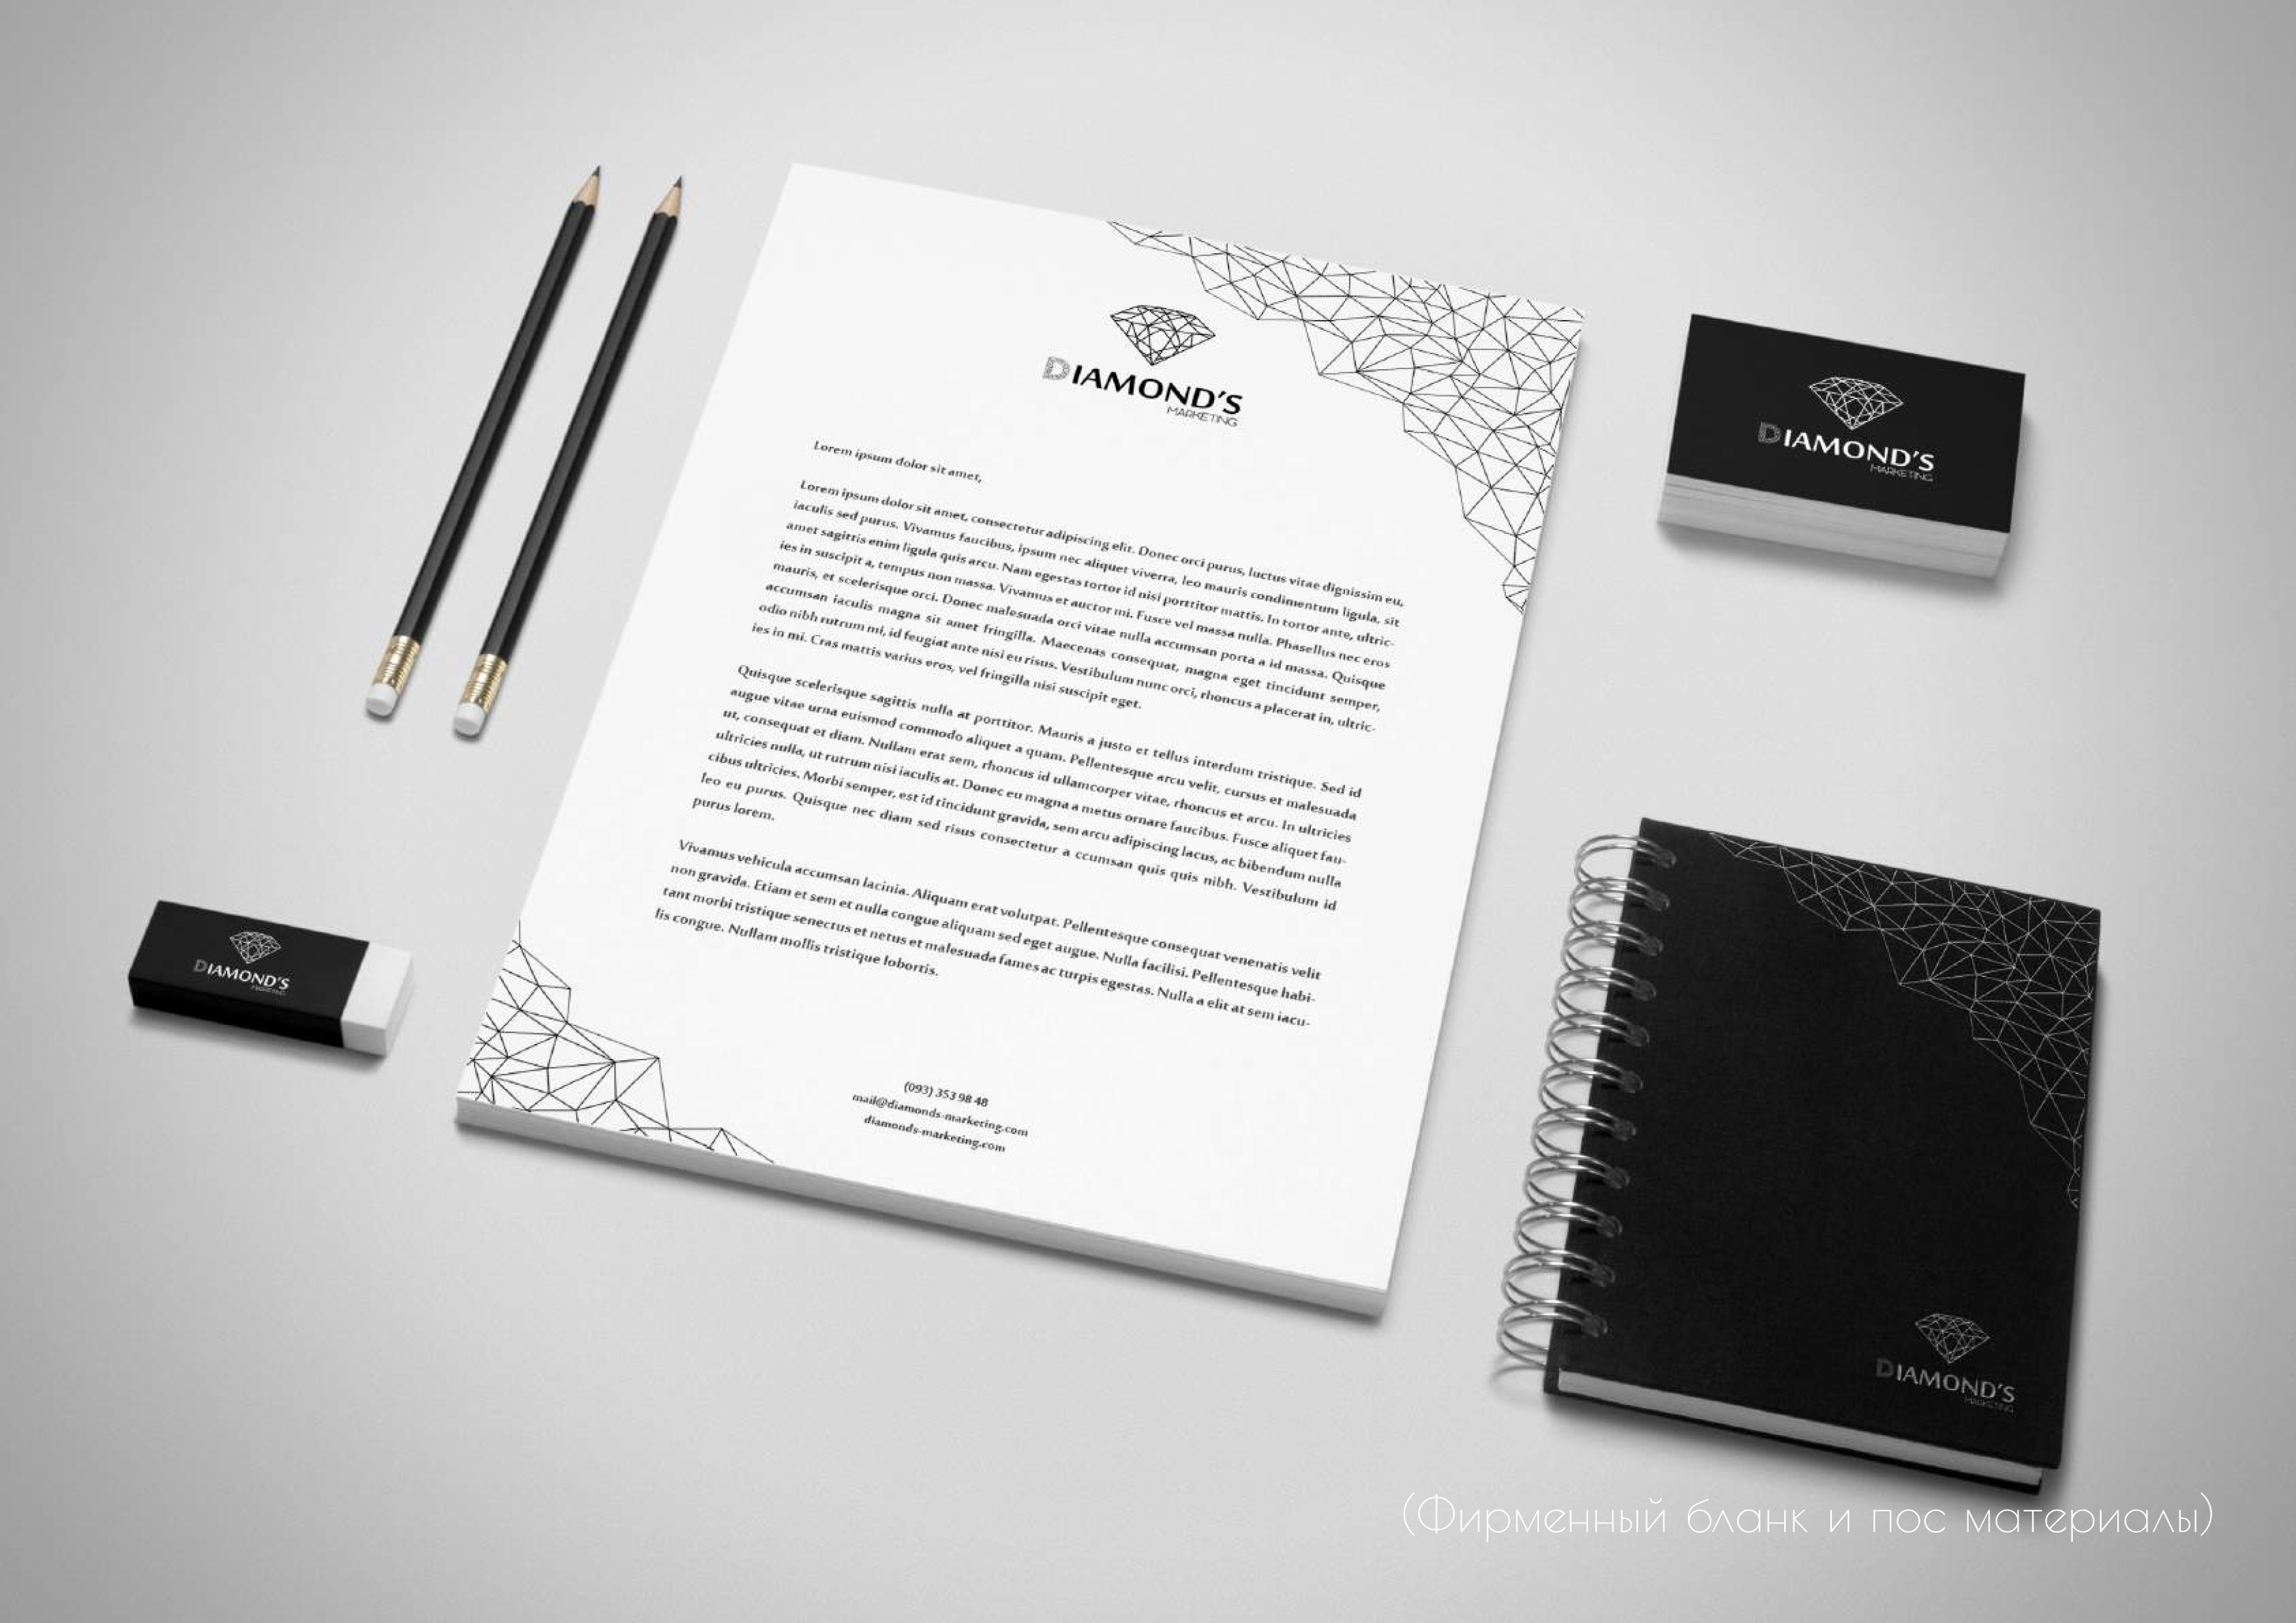 Фото Разработал фирменный бланк и пос материалы для студии интернет-маркетинга.   Срок реализации: 3 рабочих дня.